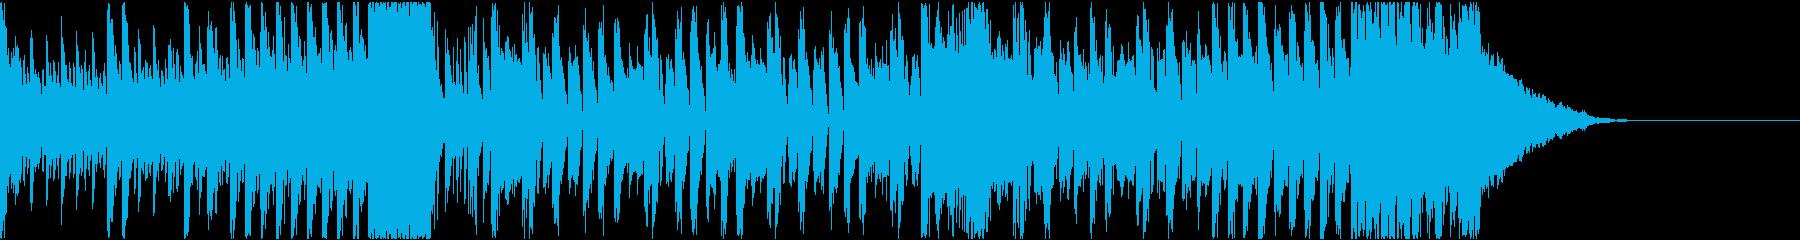 短めなダブステップの再生済みの波形